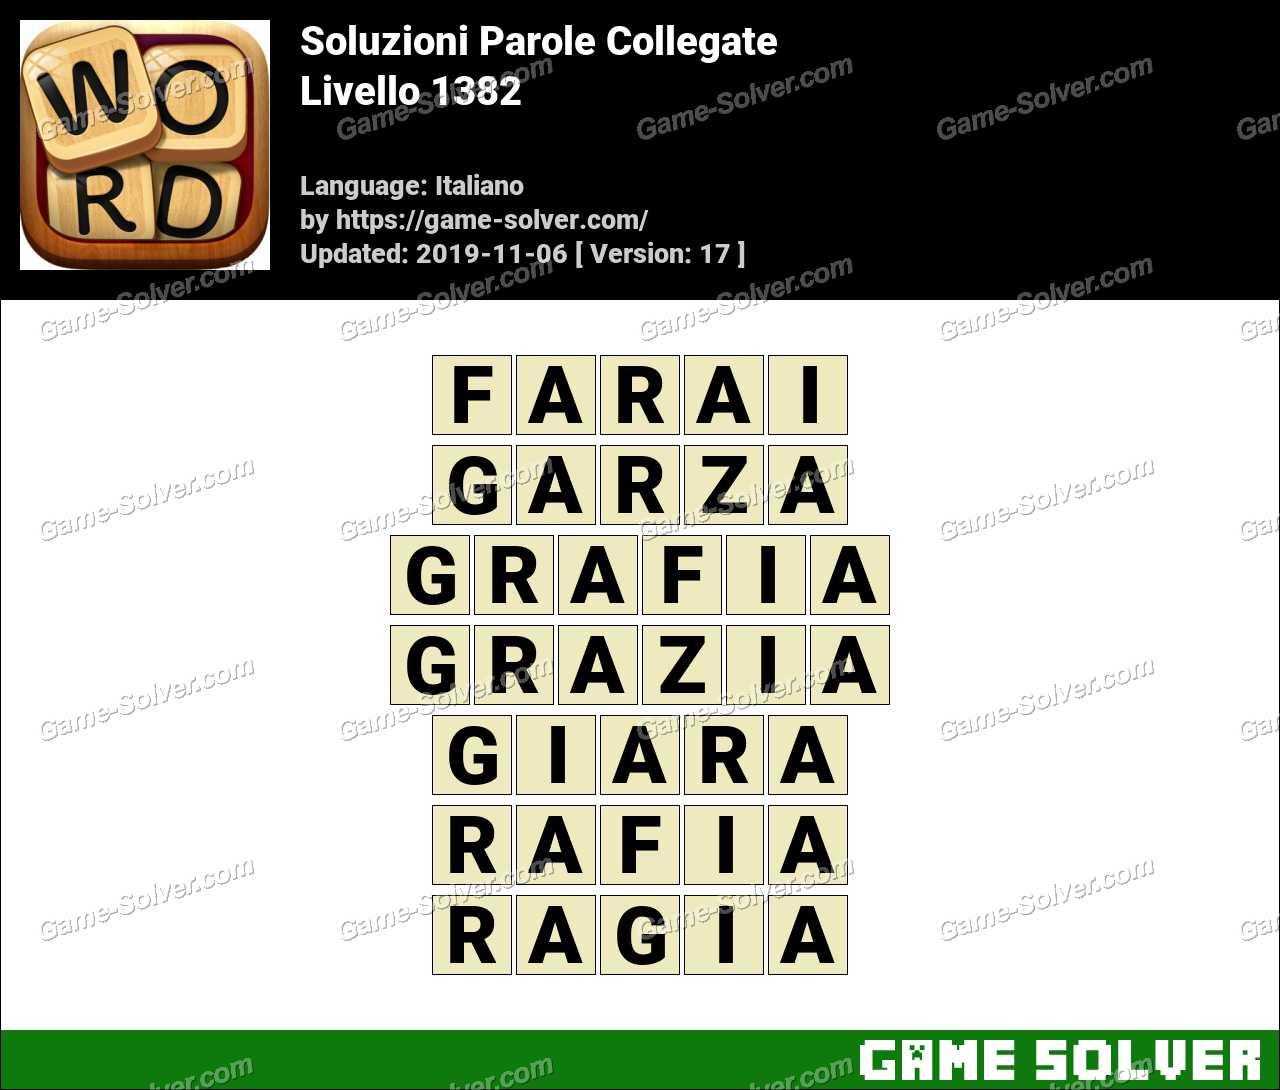 Soluzioni Parole Collegate Livello 1382